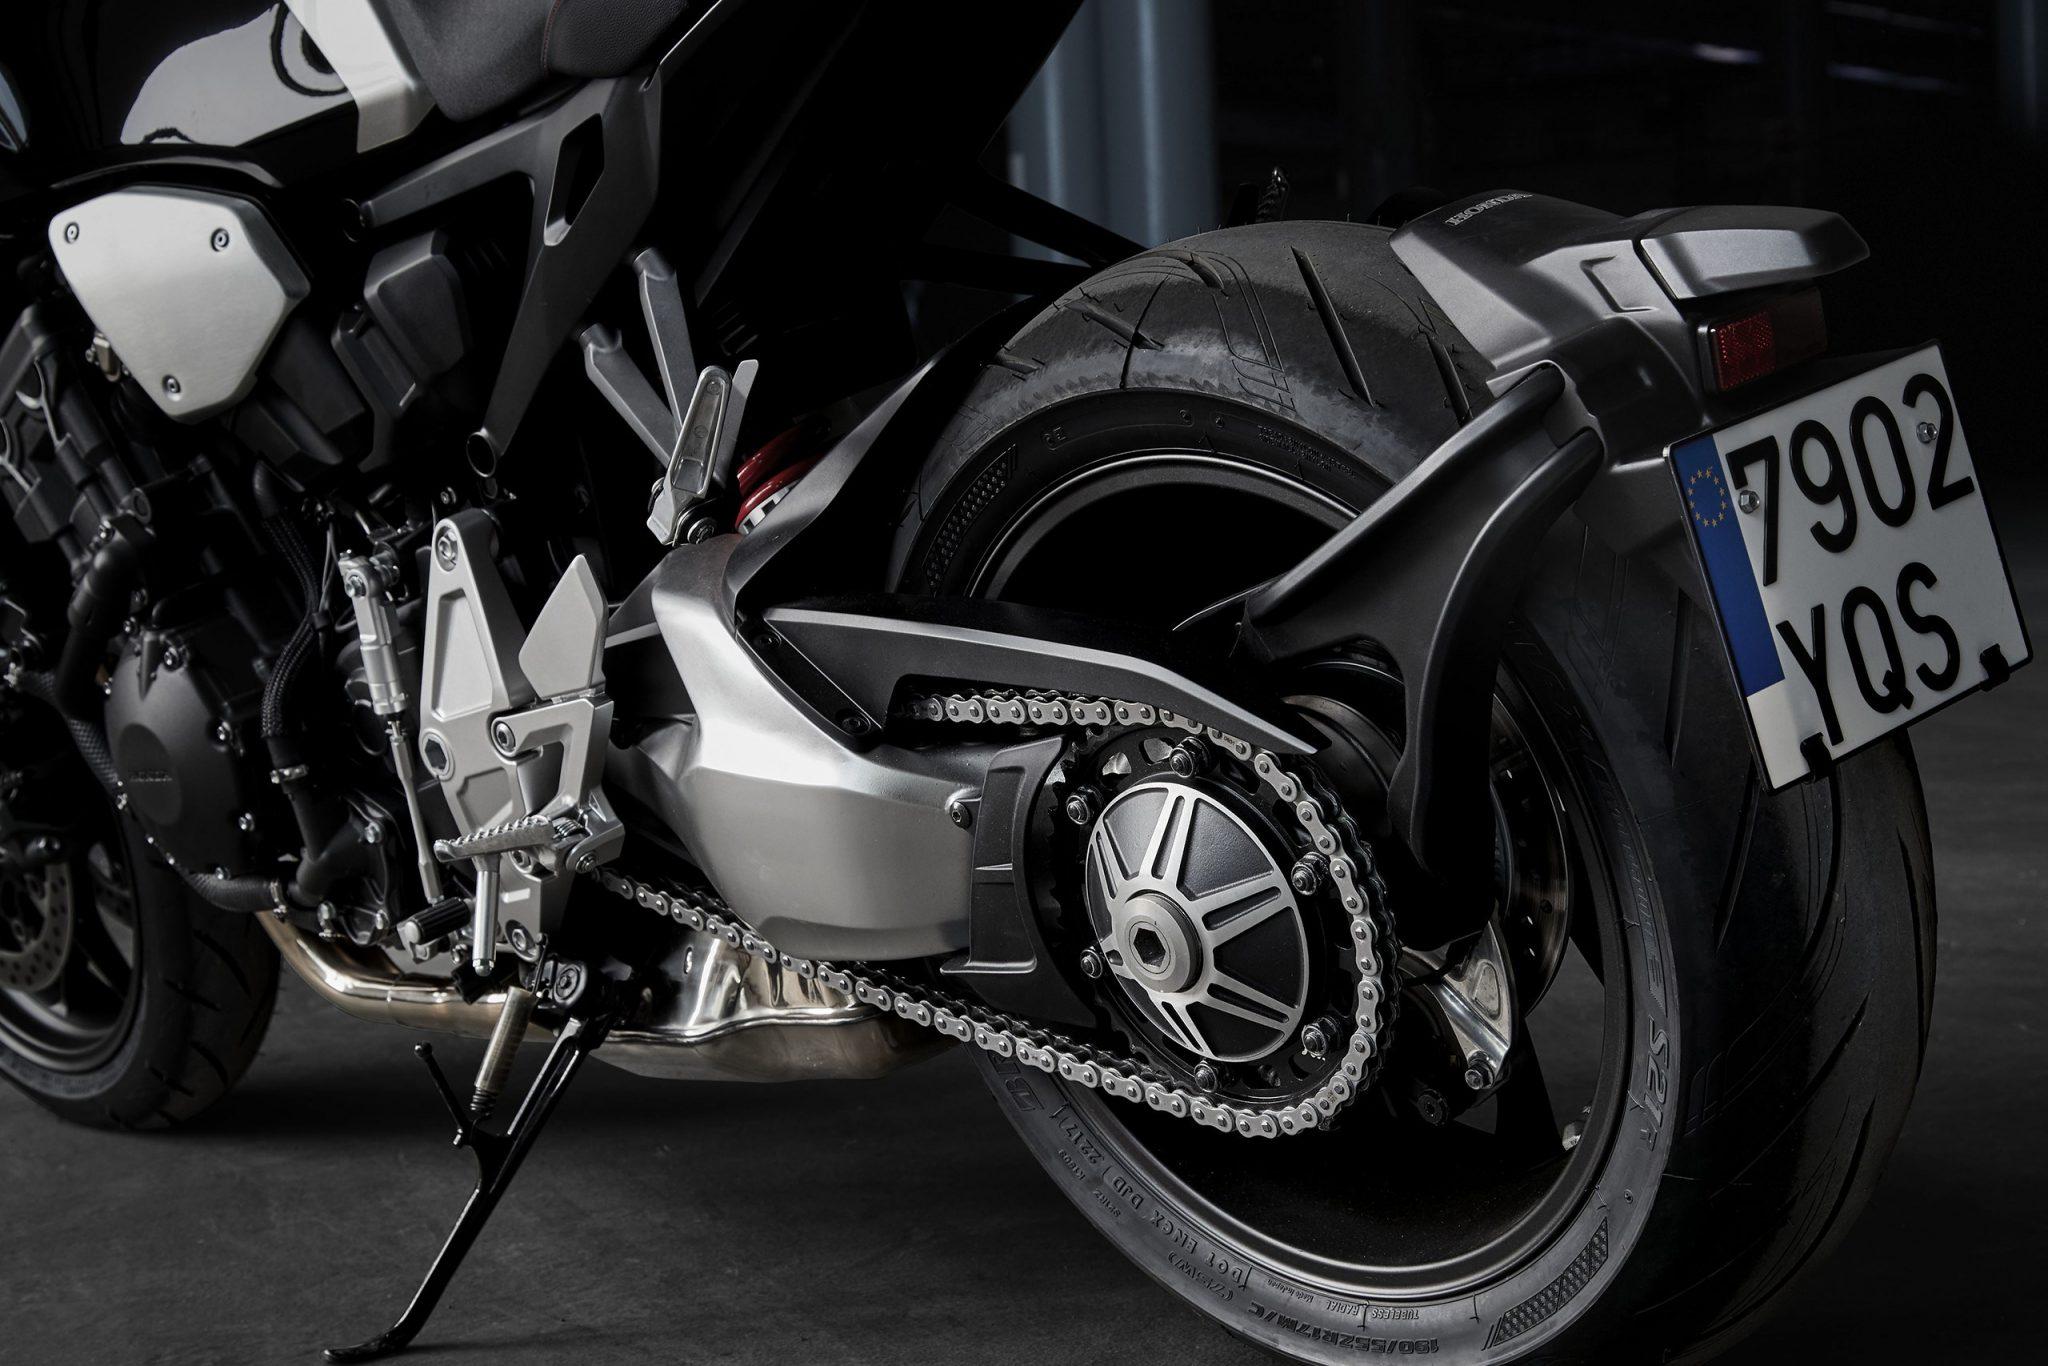 Honda Bike CB1000R 2018 bei Auto Stahl Schwarz Silber Hinterreifen